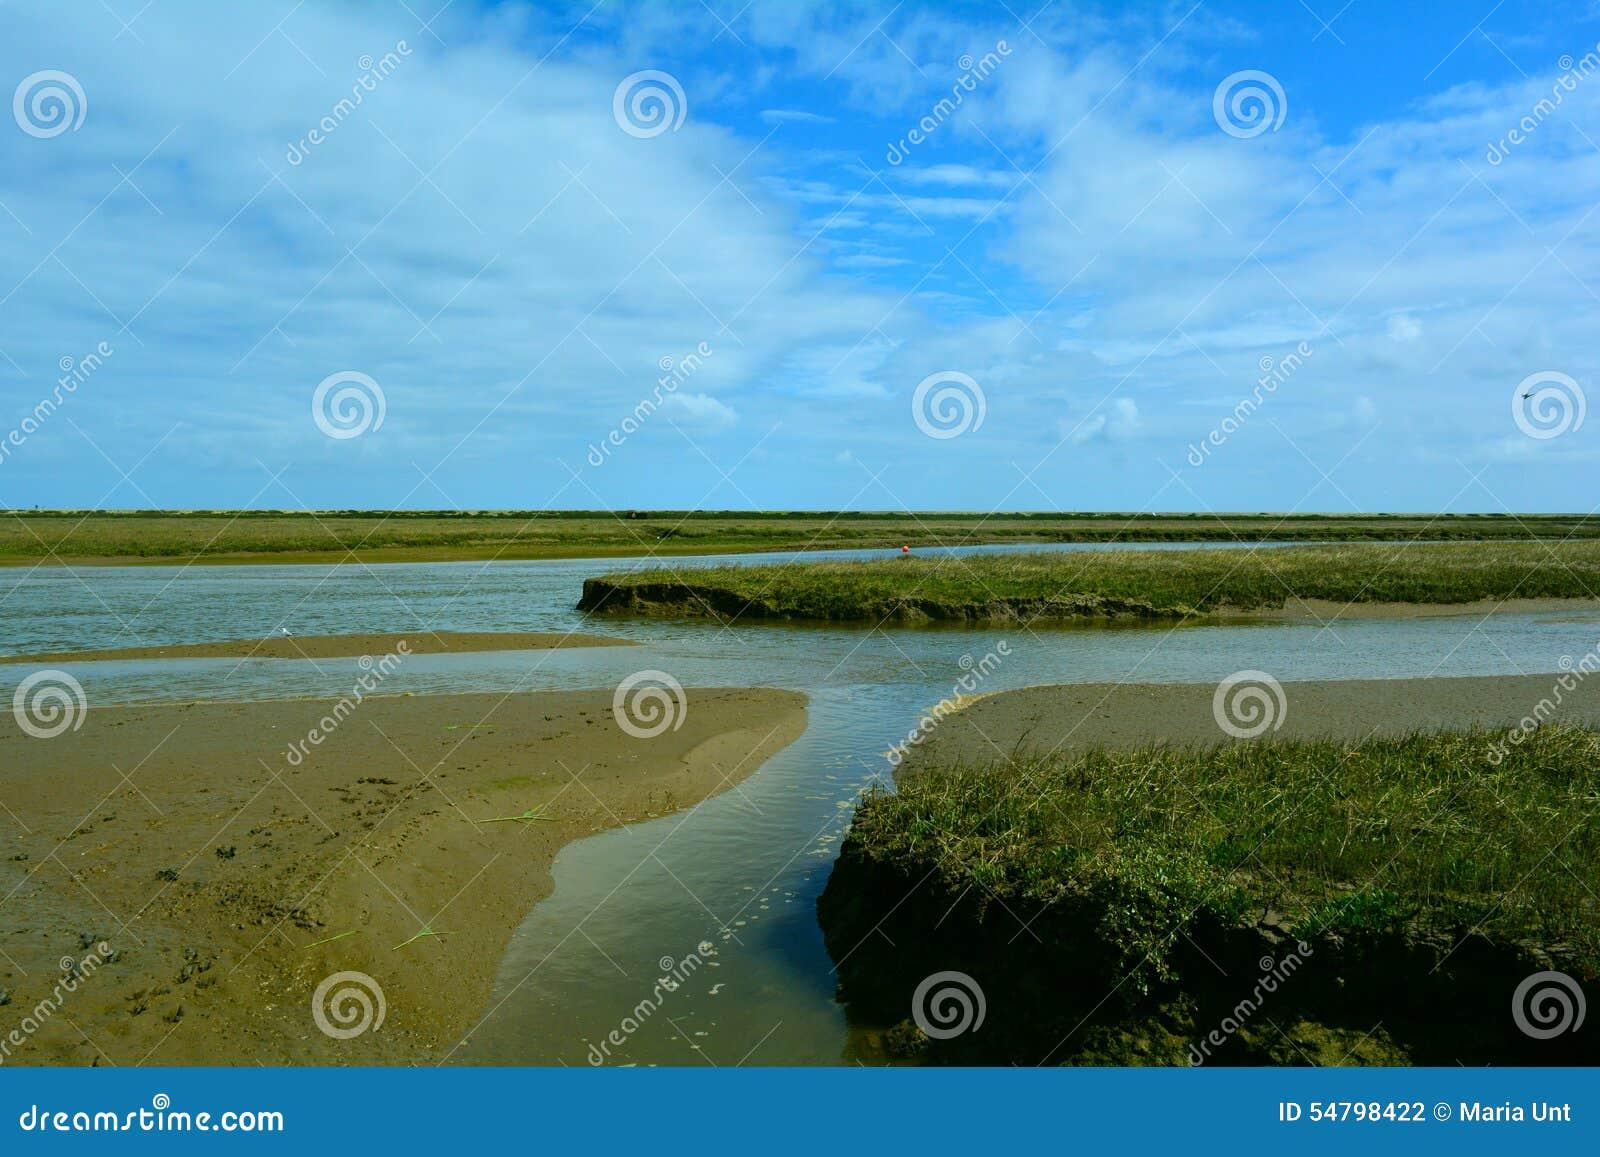 Longs courant/rivière côtiers près de la plage, point de Blakeney, Norfolk, Royaume-Uni